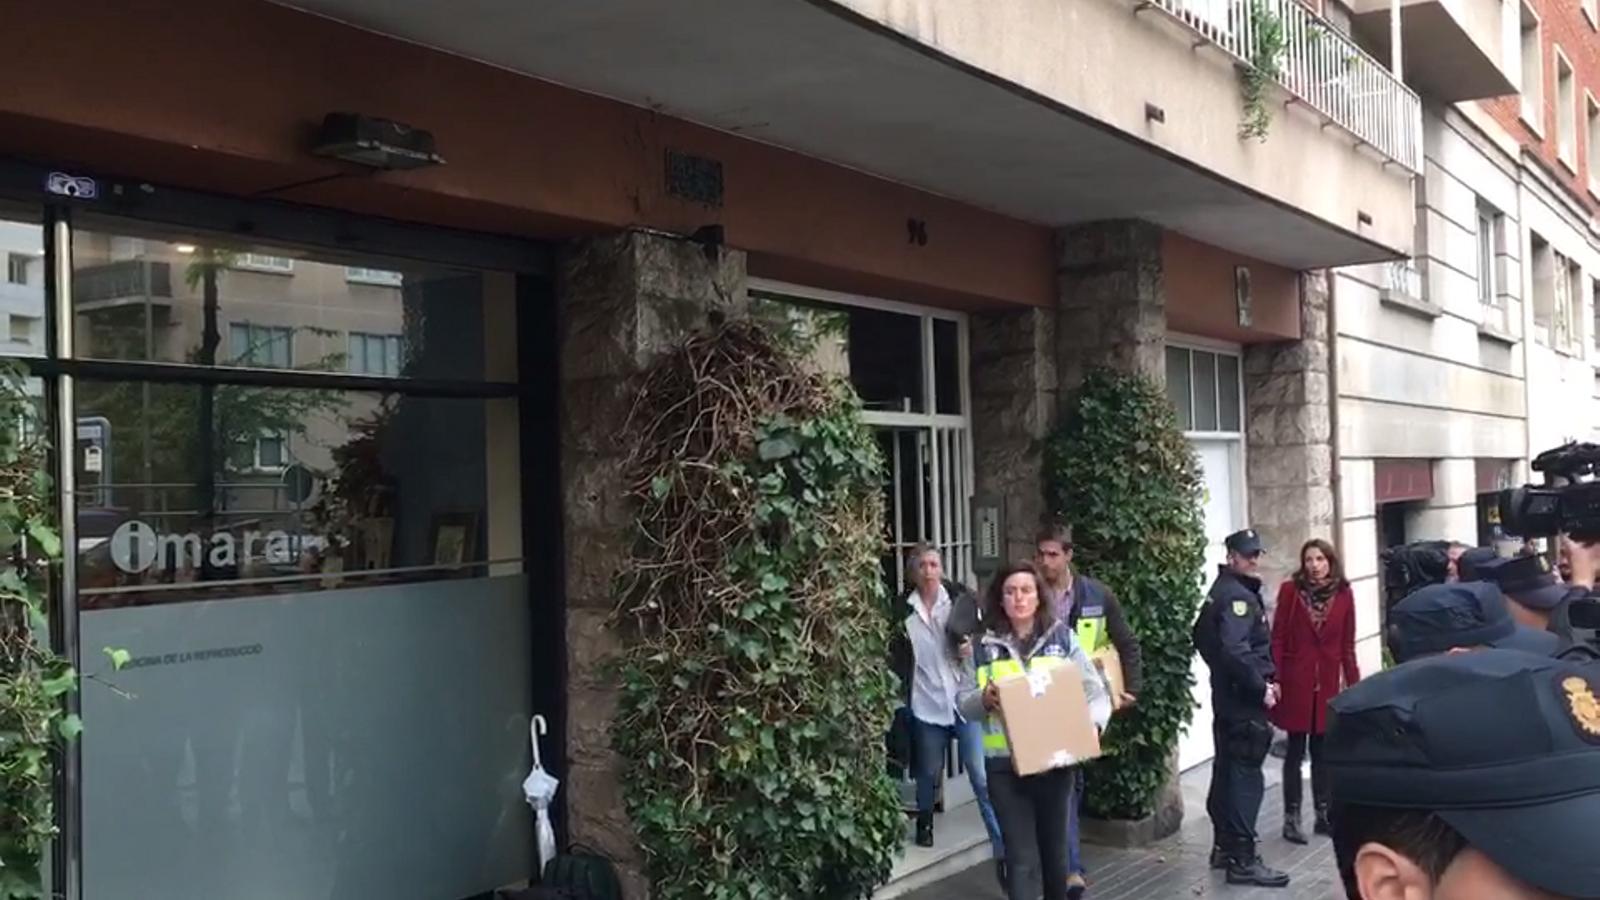 La Policia Nacional surt de la casa de Jordi Pujol i Soley amb tres caixes